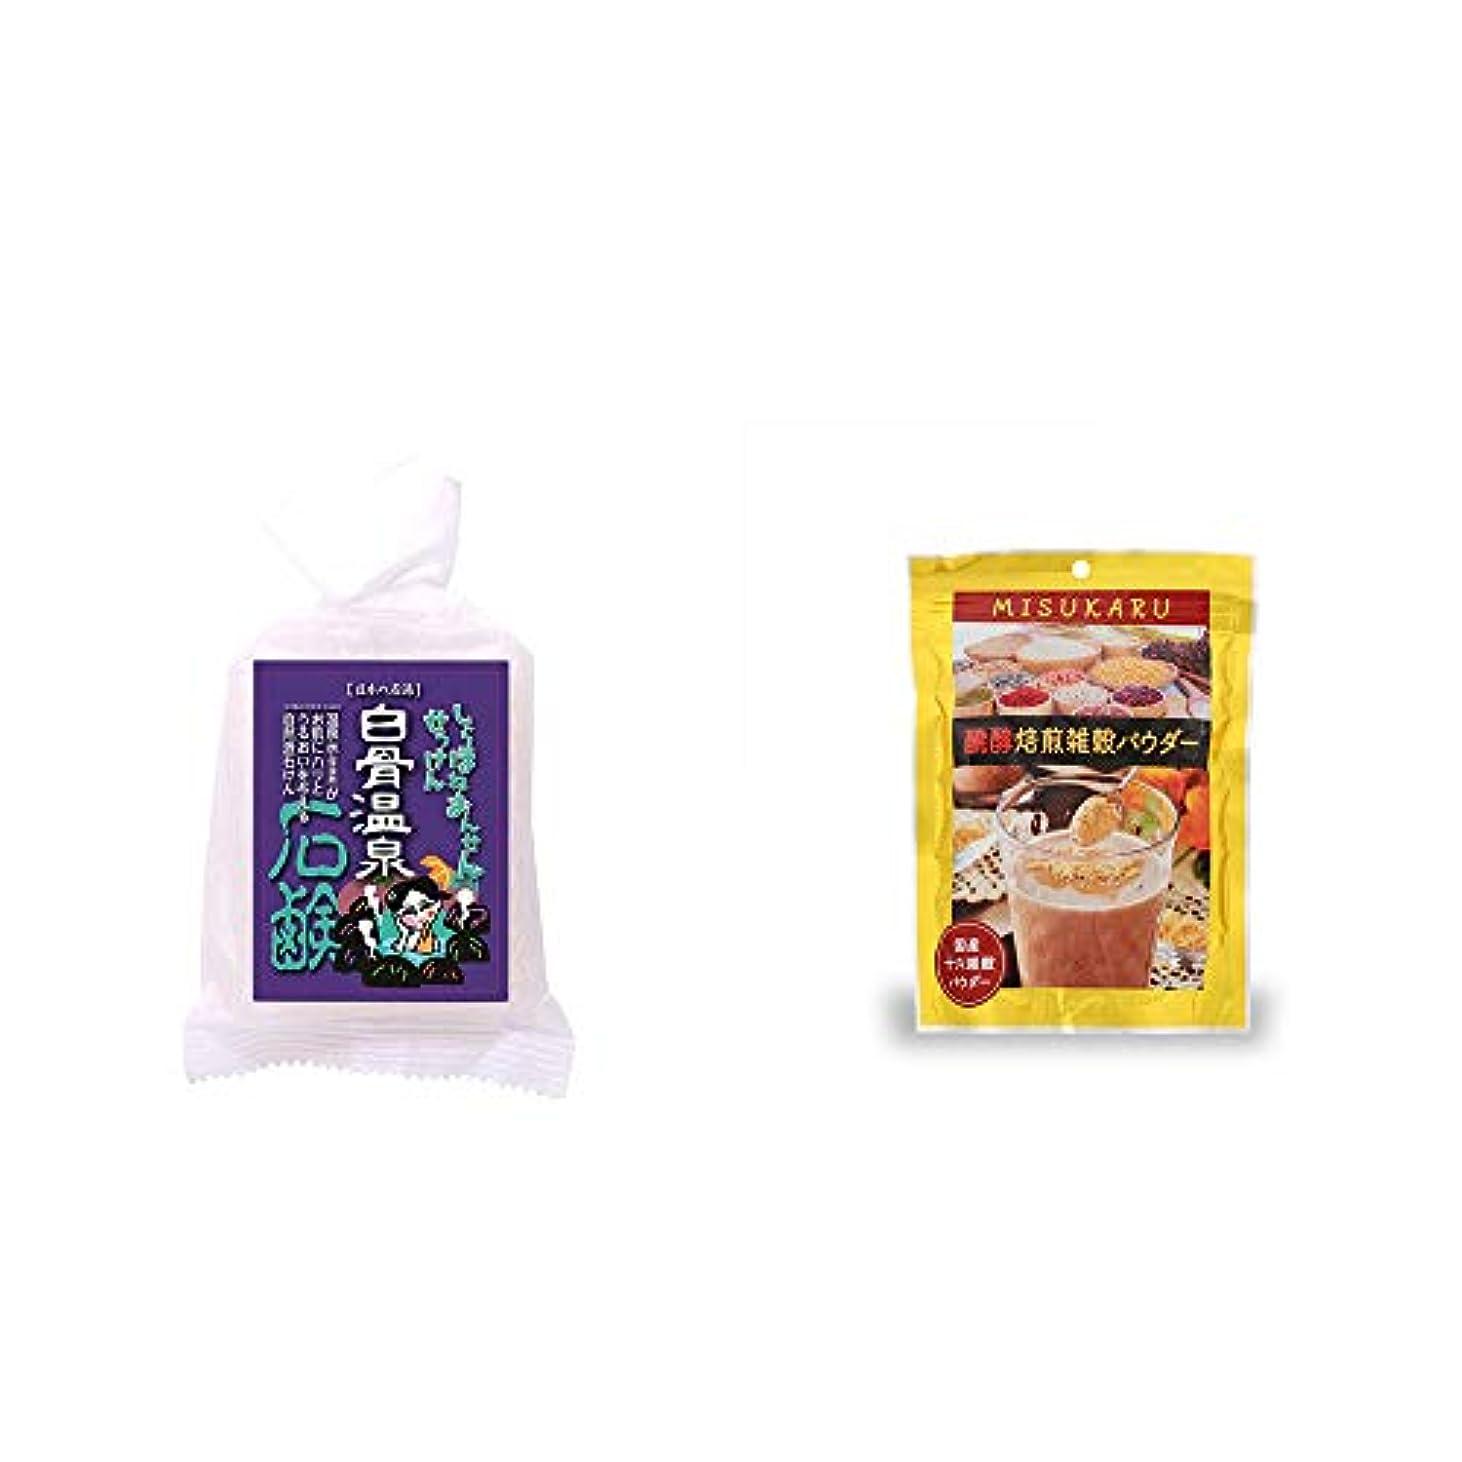 プット病者摂氏度[2点セット] 信州 白骨温泉石鹸(80g)?醗酵焙煎雑穀パウダー MISUKARU(ミスカル)(200g)